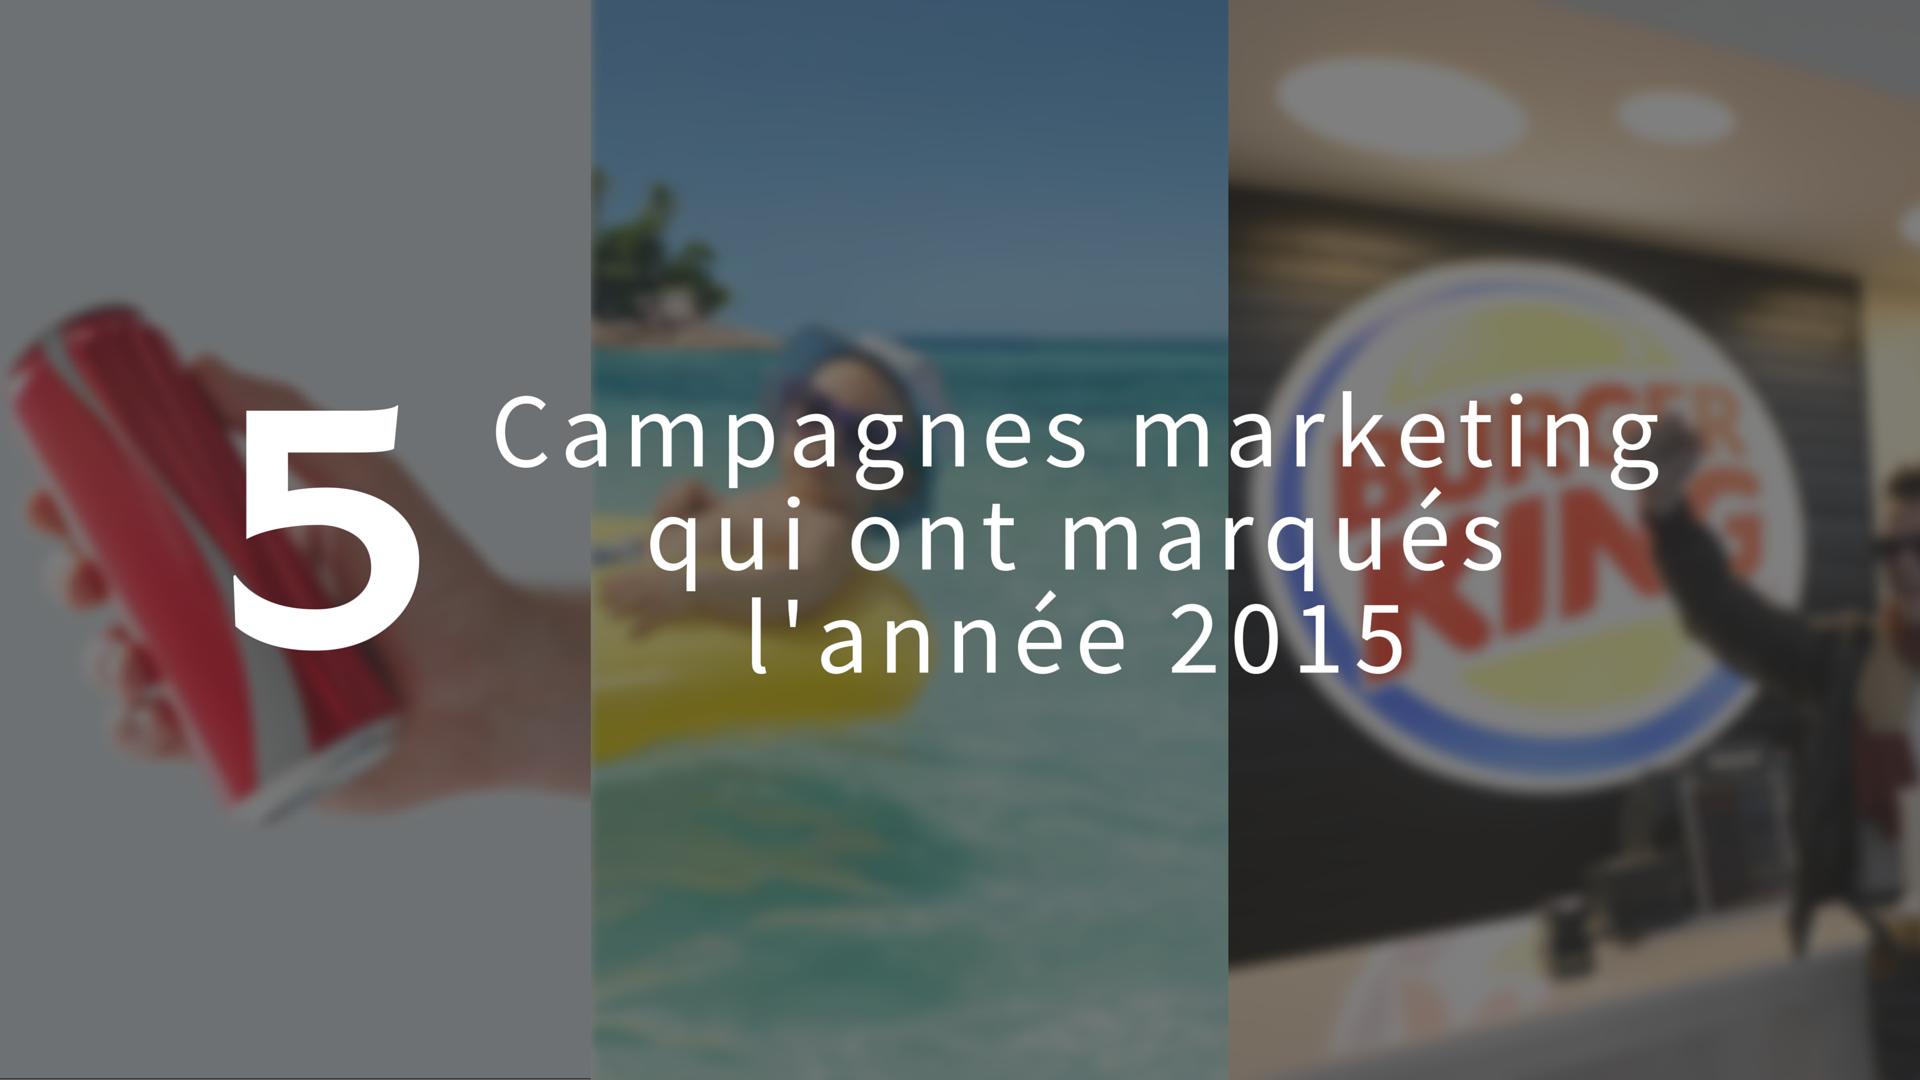 5 campagnes marketing qui ont marqués l'année 2015